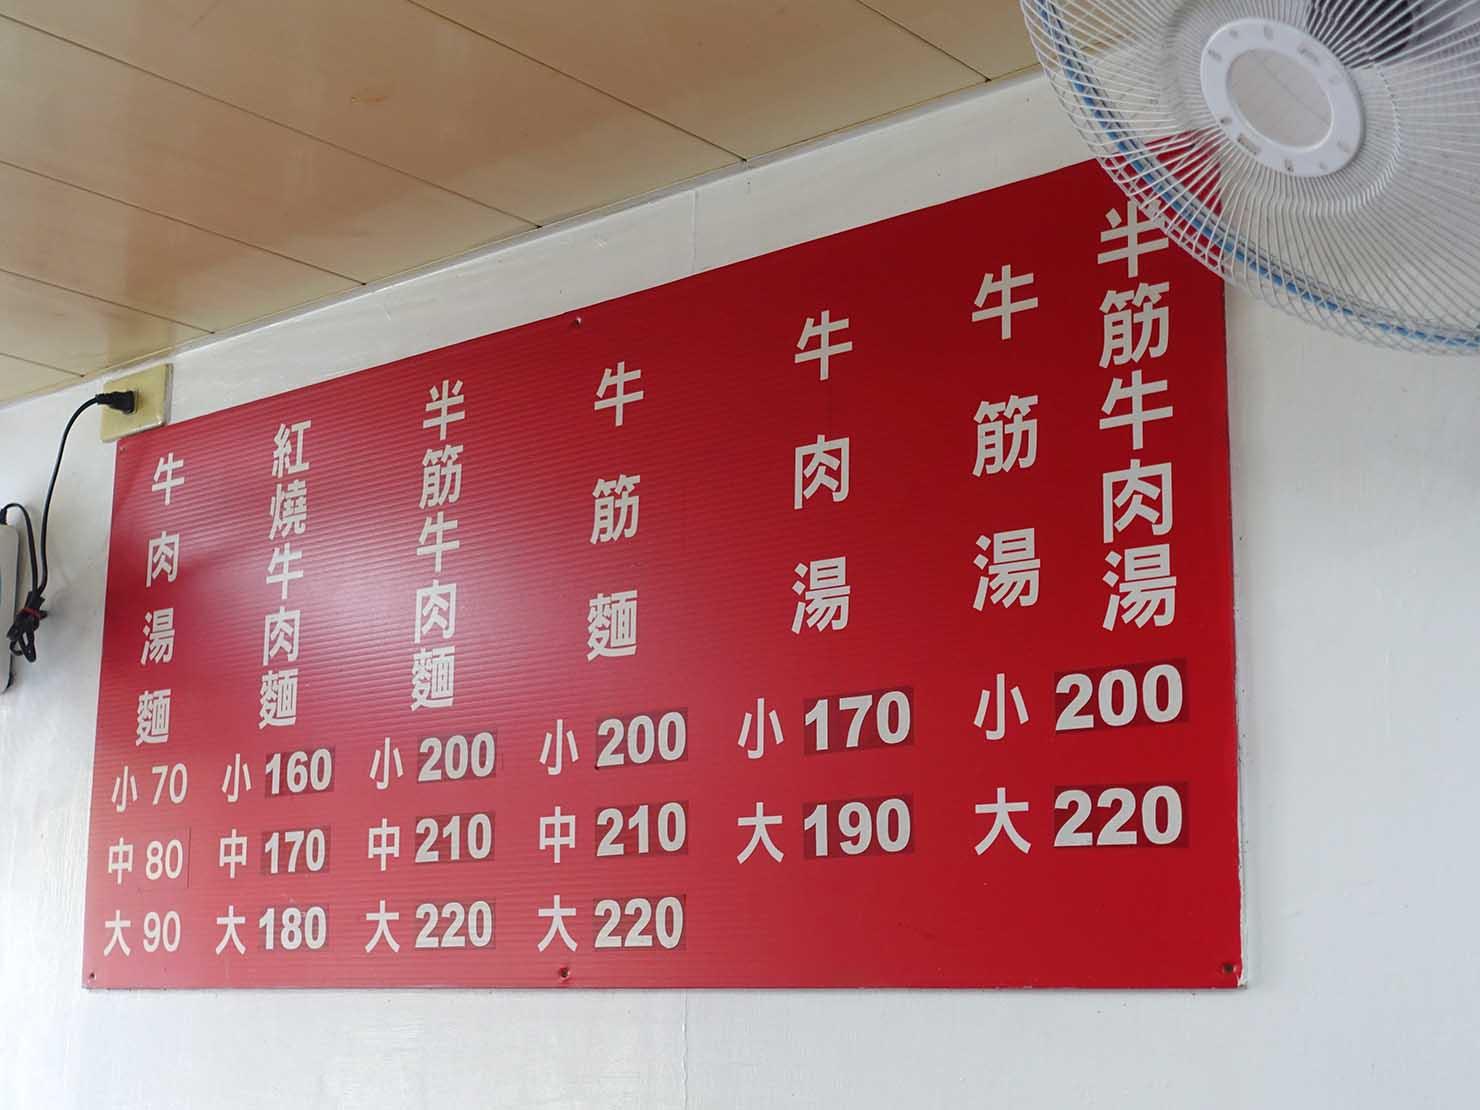 台北・忠孝新生駅周辺のおすすめグルメ店「濟南牛肉麵」のメニュー